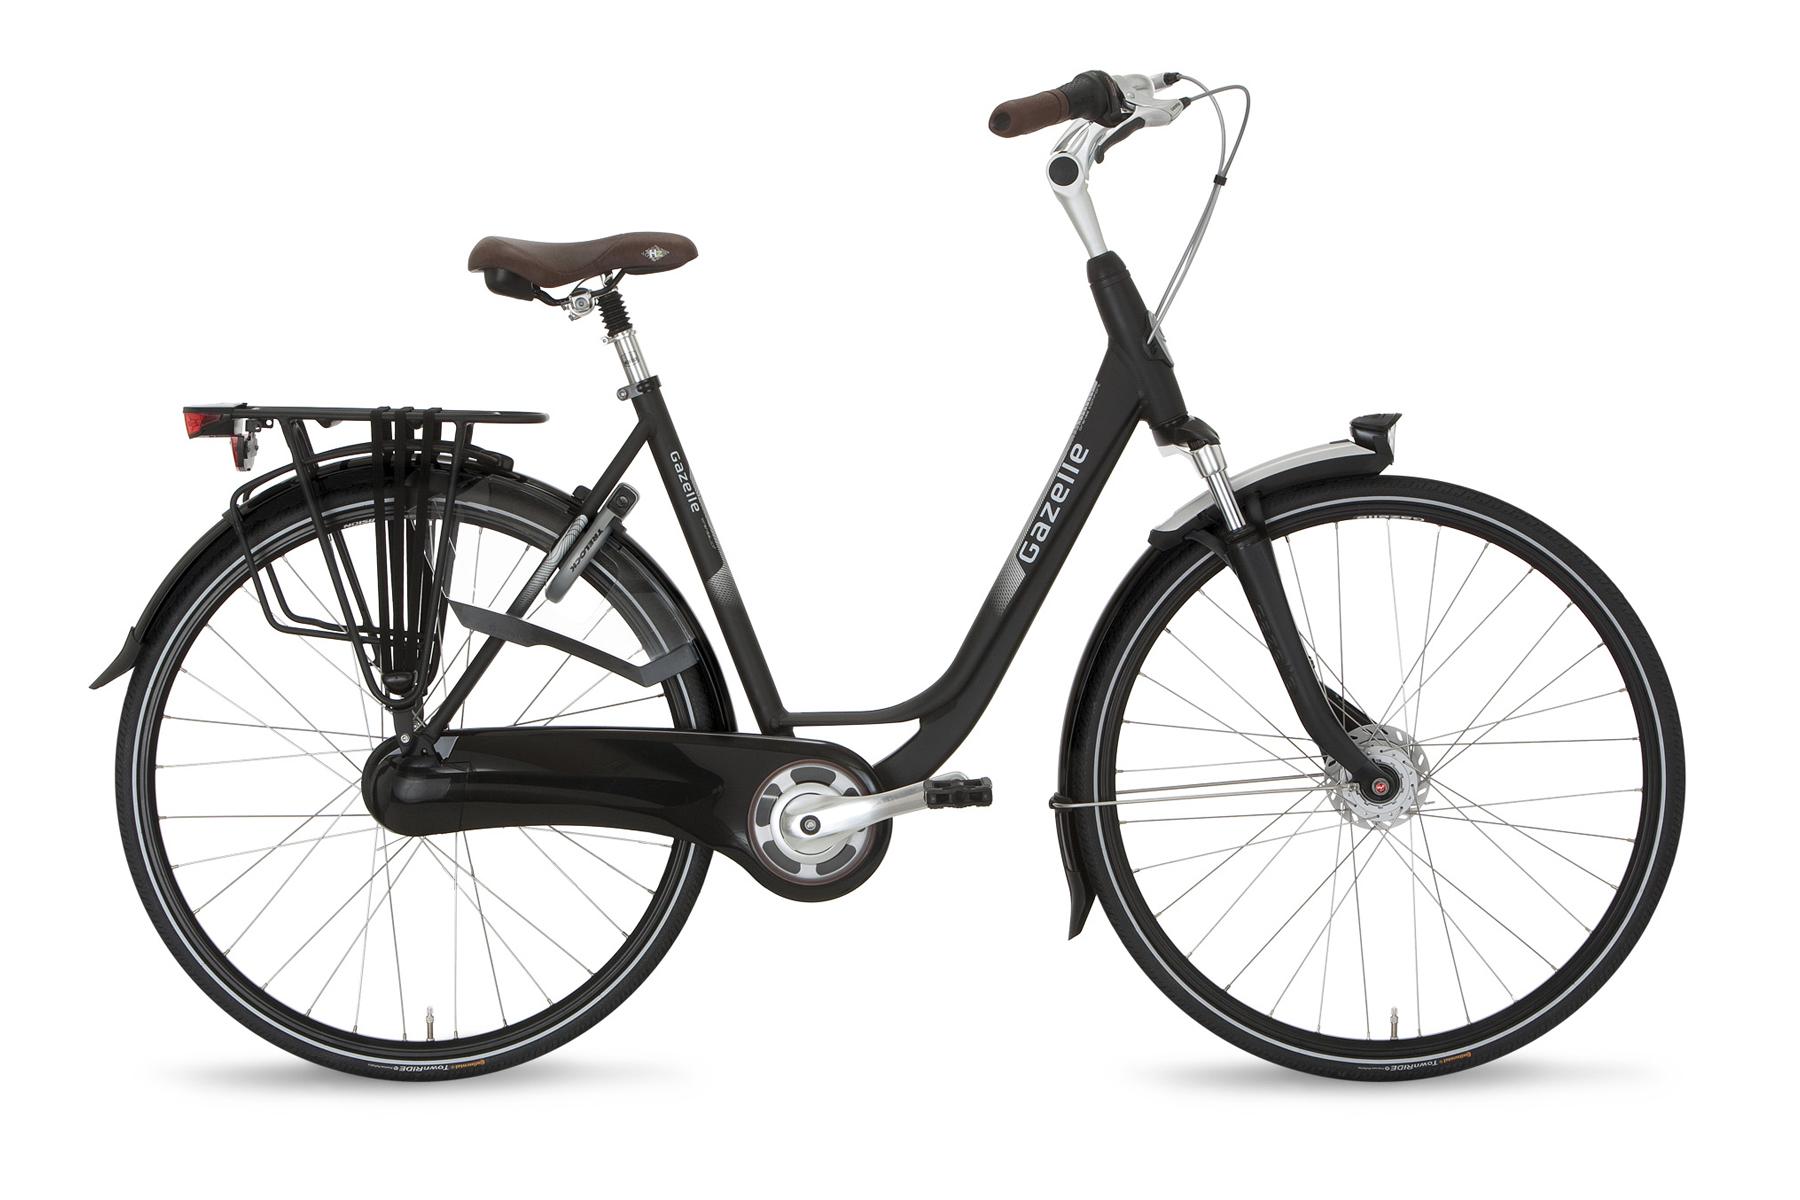 Foto verhuur luxe fiets